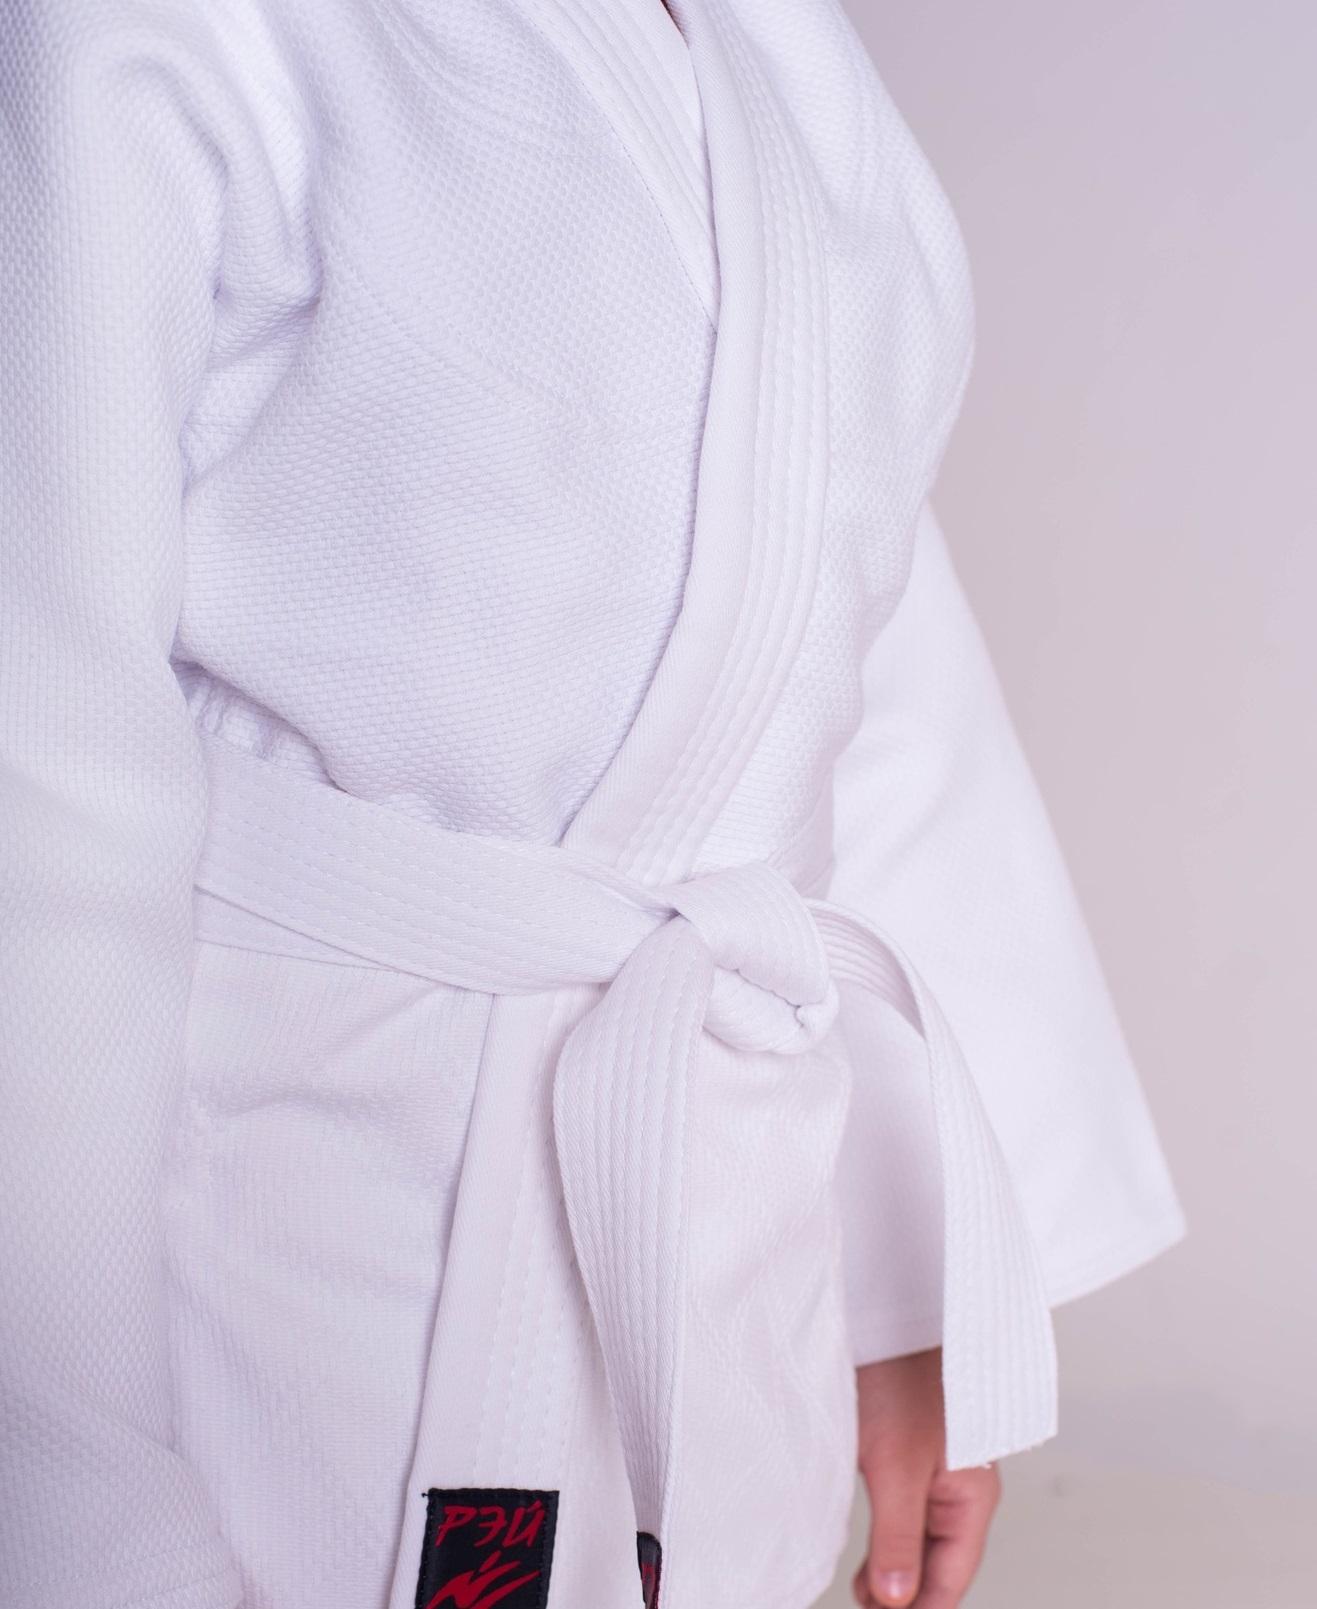 Кимоно и пояса Кимоно Дзюдо Рэй спорт O8fhWWgP4Ek.jpg